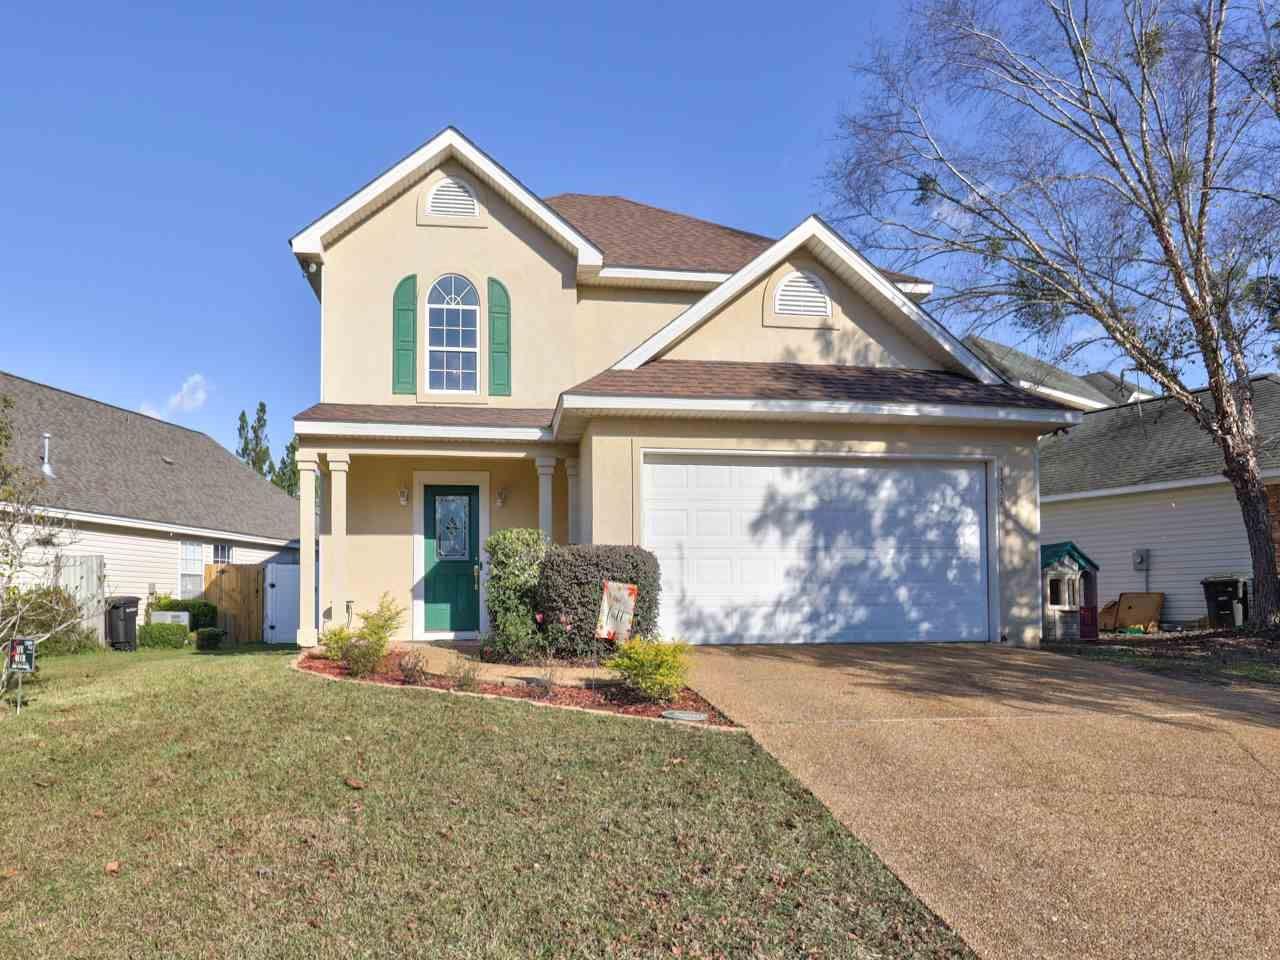 1557 Sweet Plum Circle, Tallahassee, FL 32312 - MLS#: 326084